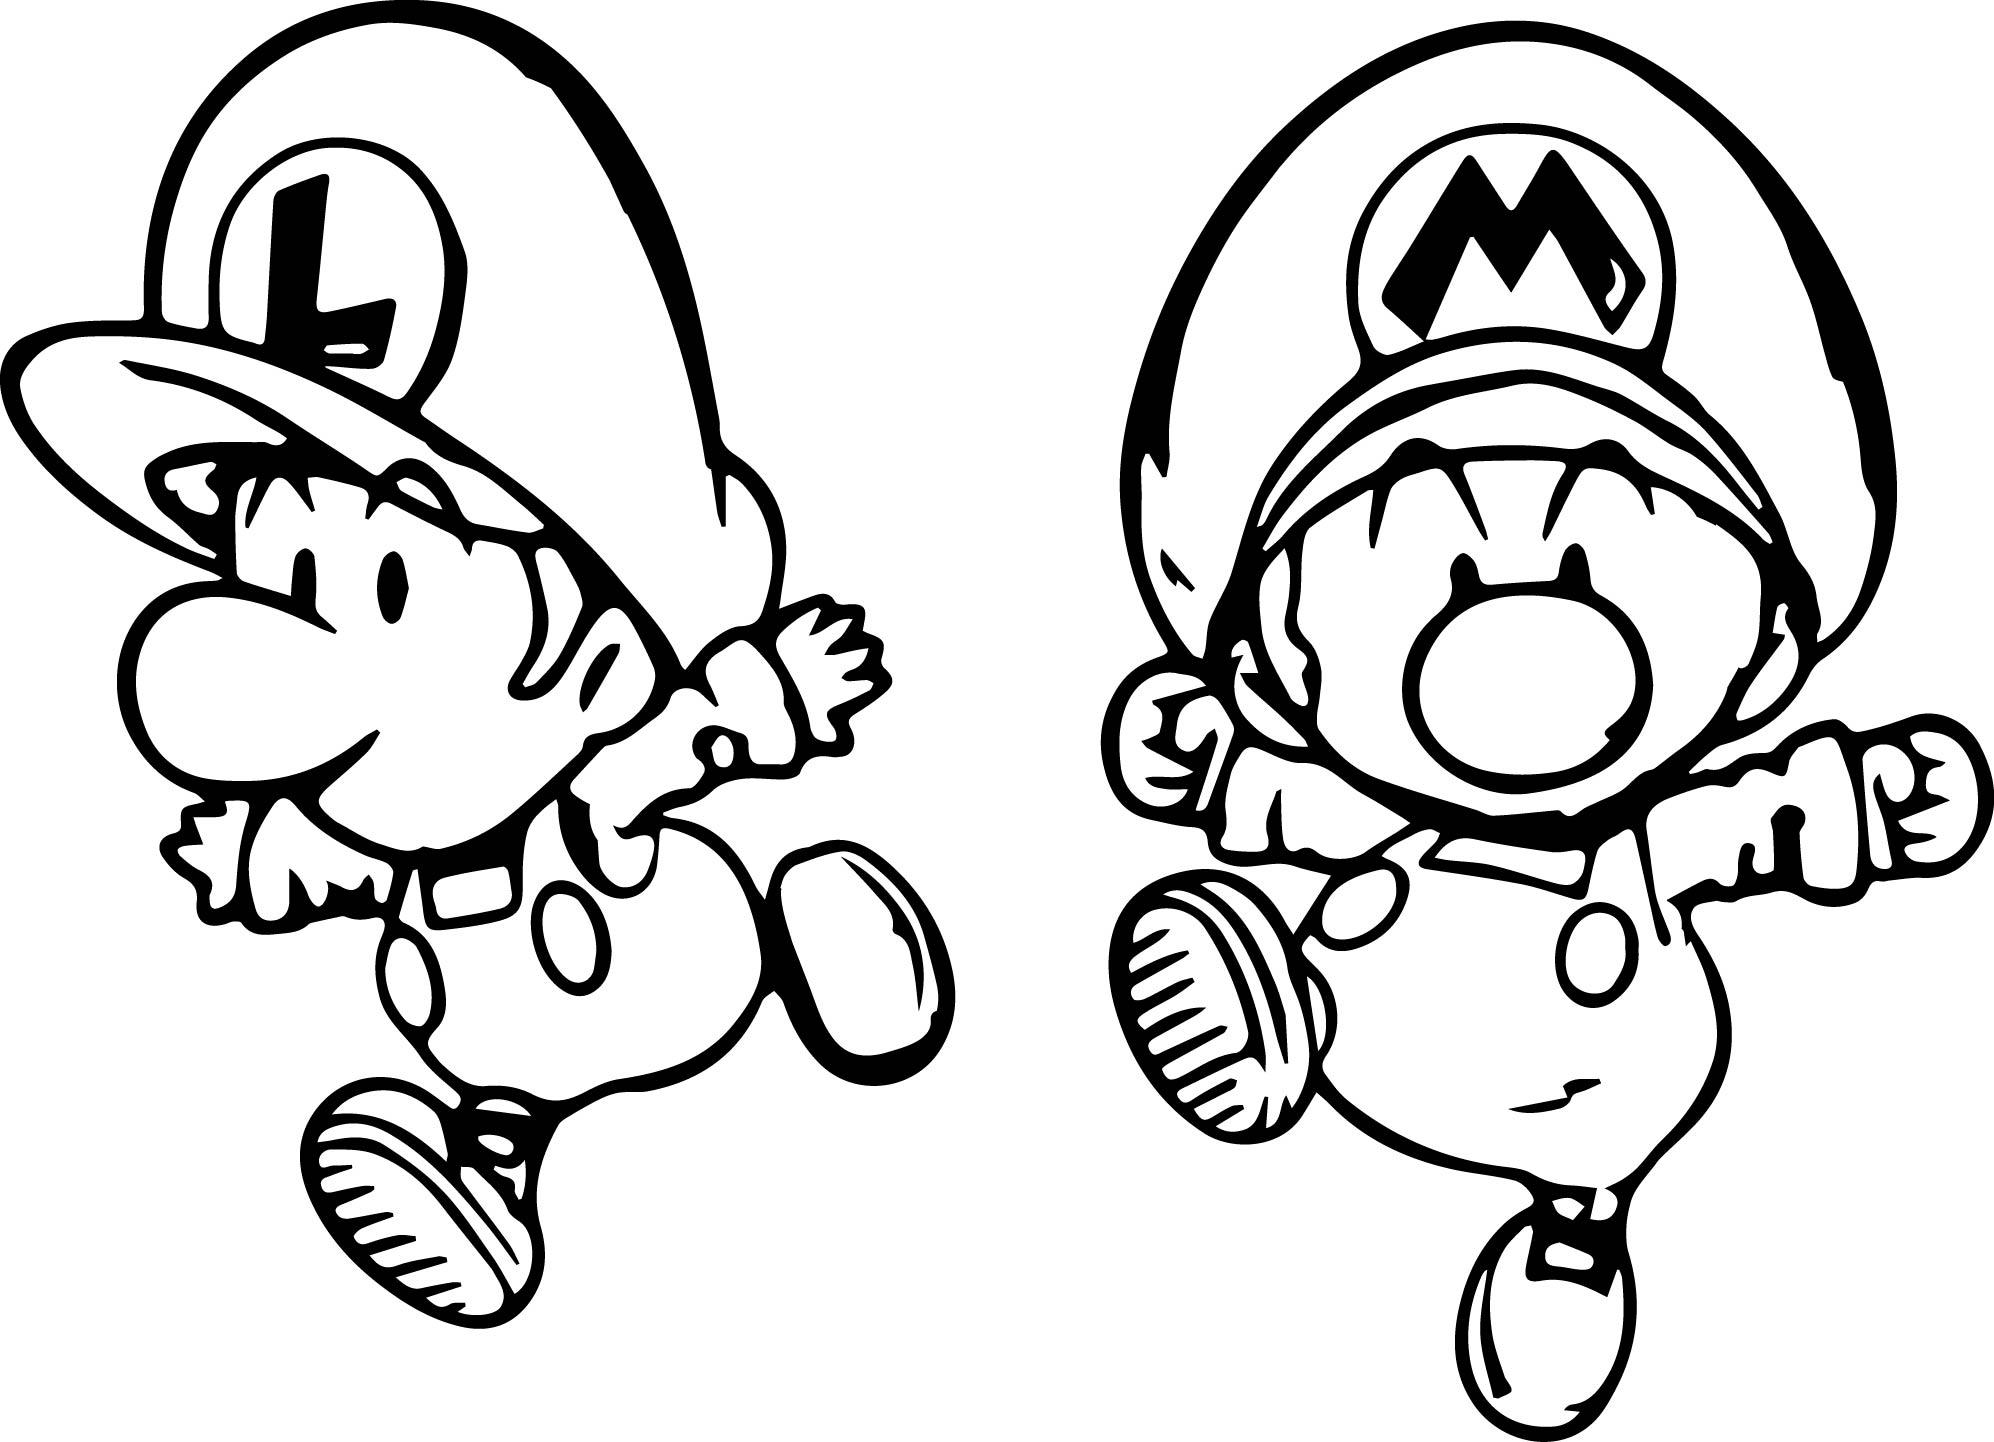 Berühmt Mario Und Luigi Color Pages Zum Drucken Galerie - Entry ...